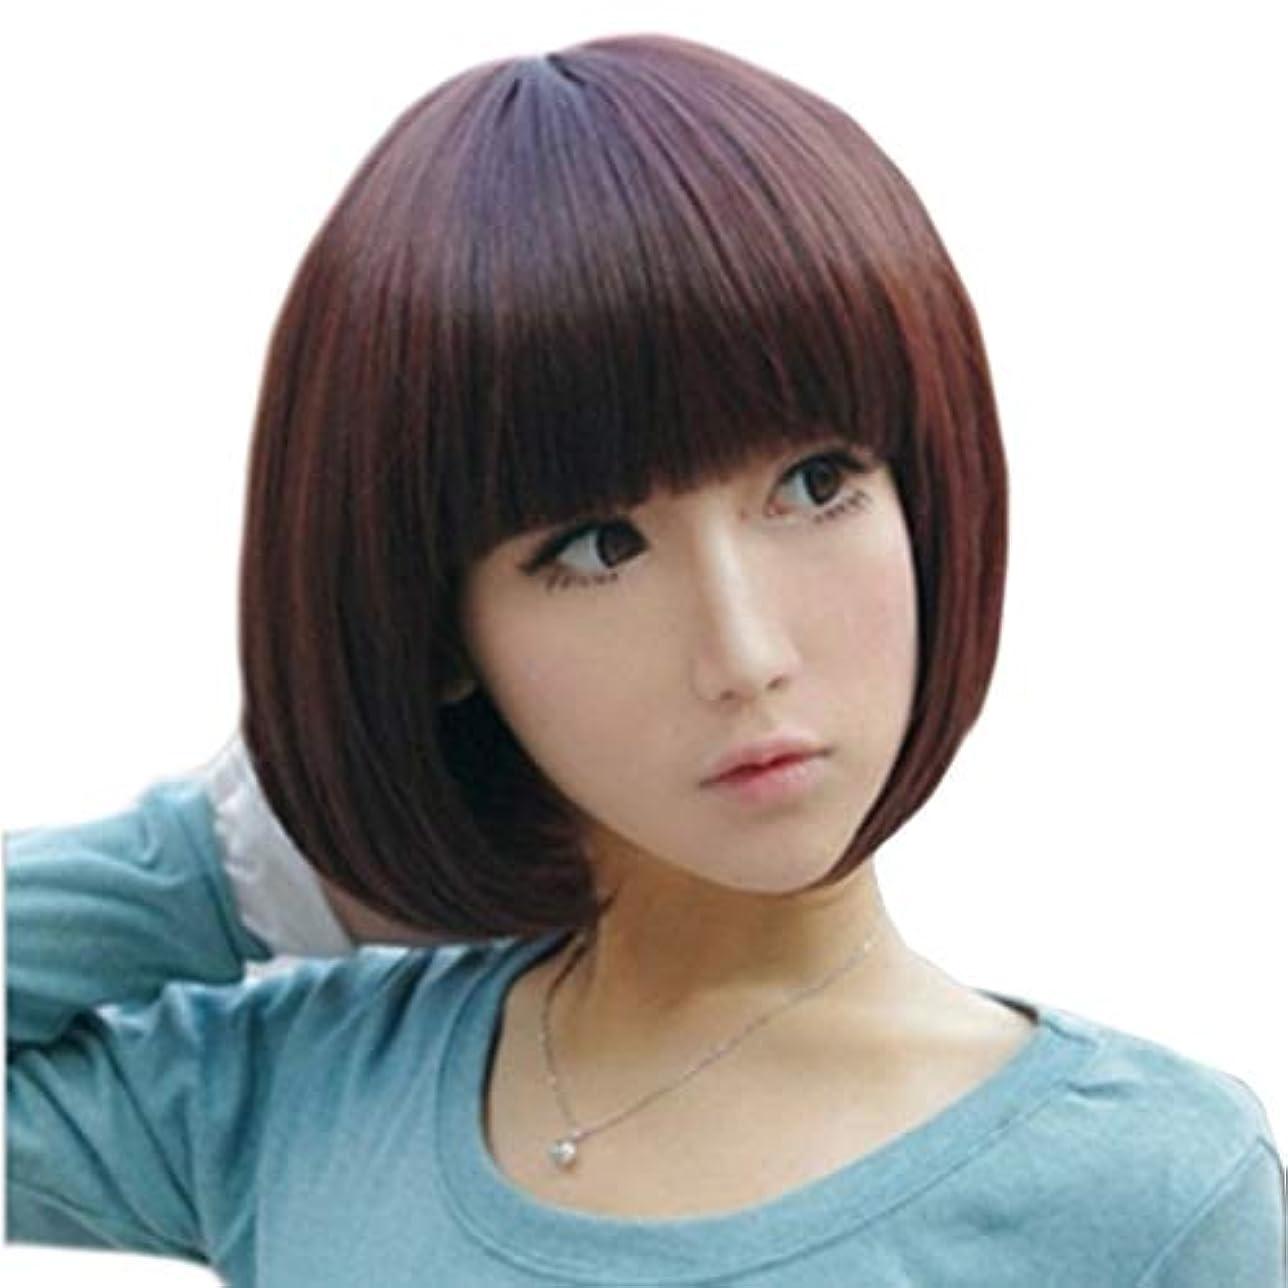 ラメナチュラ踊り子Summerys 本物の髪のように自然な女性のための平らな前髪でストレートショートボブの髪かつら